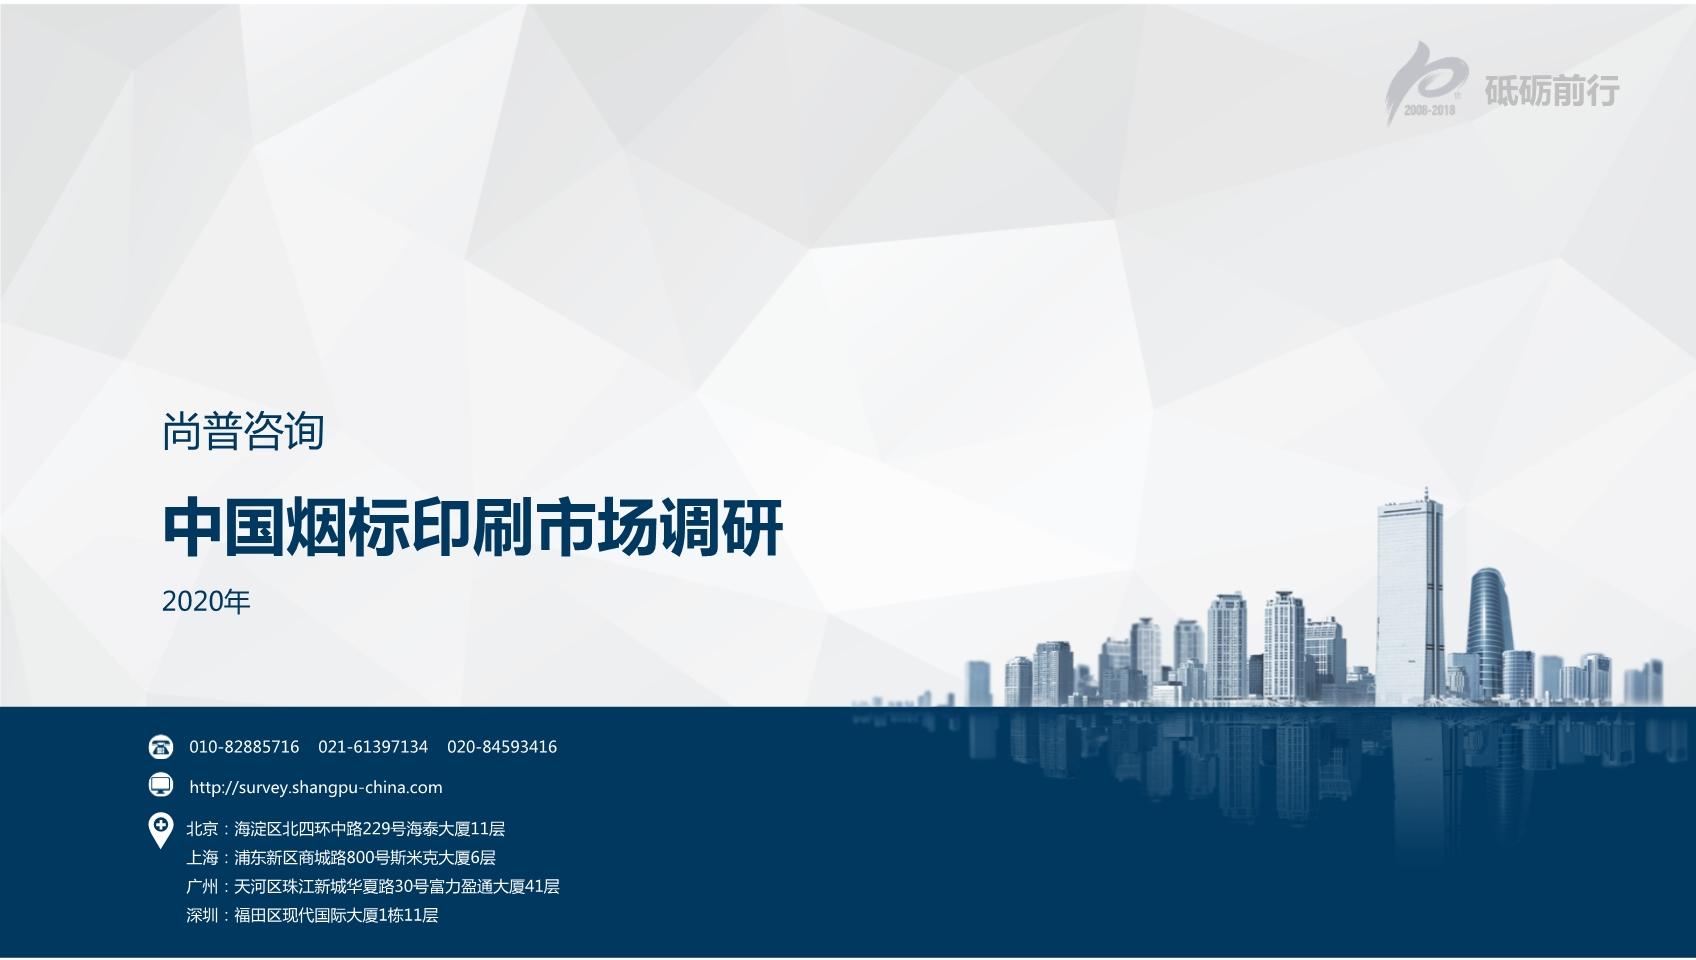 尚普咨询:2020年中国烟标印刷市场调研